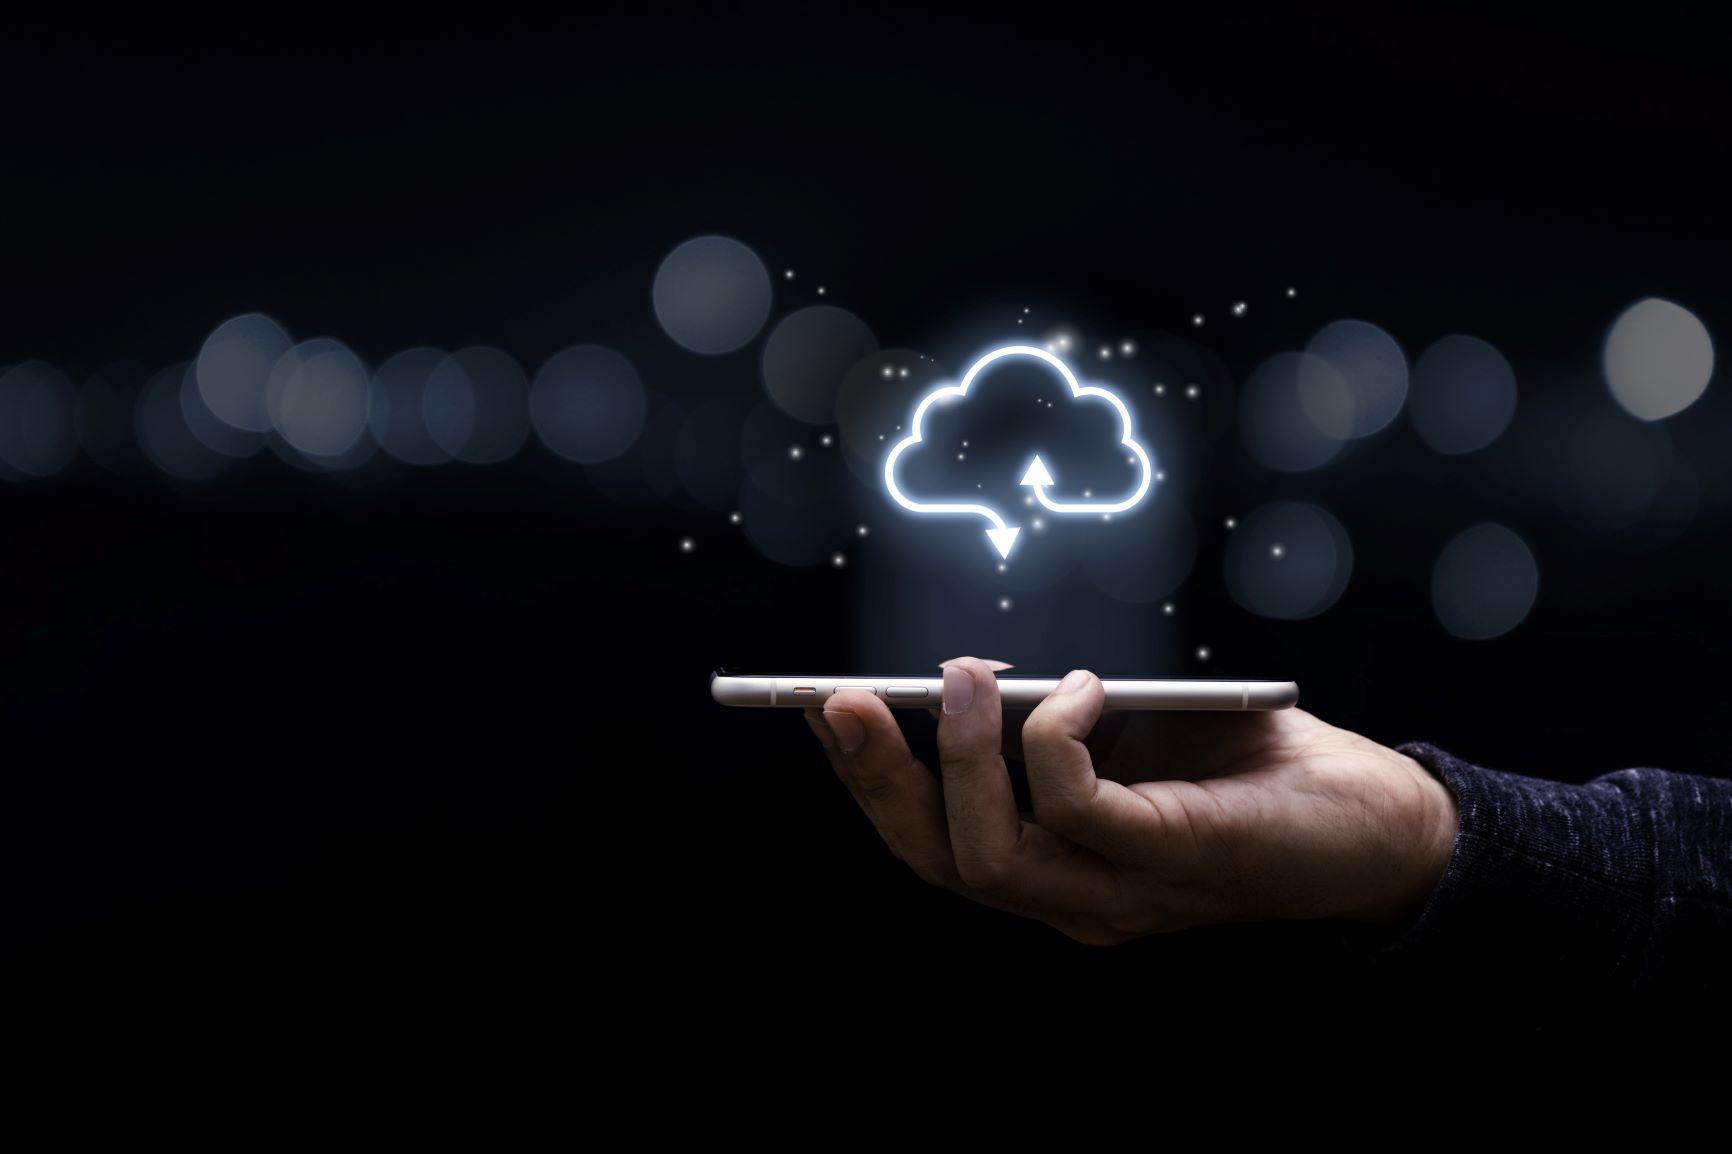 cloud based biometrics